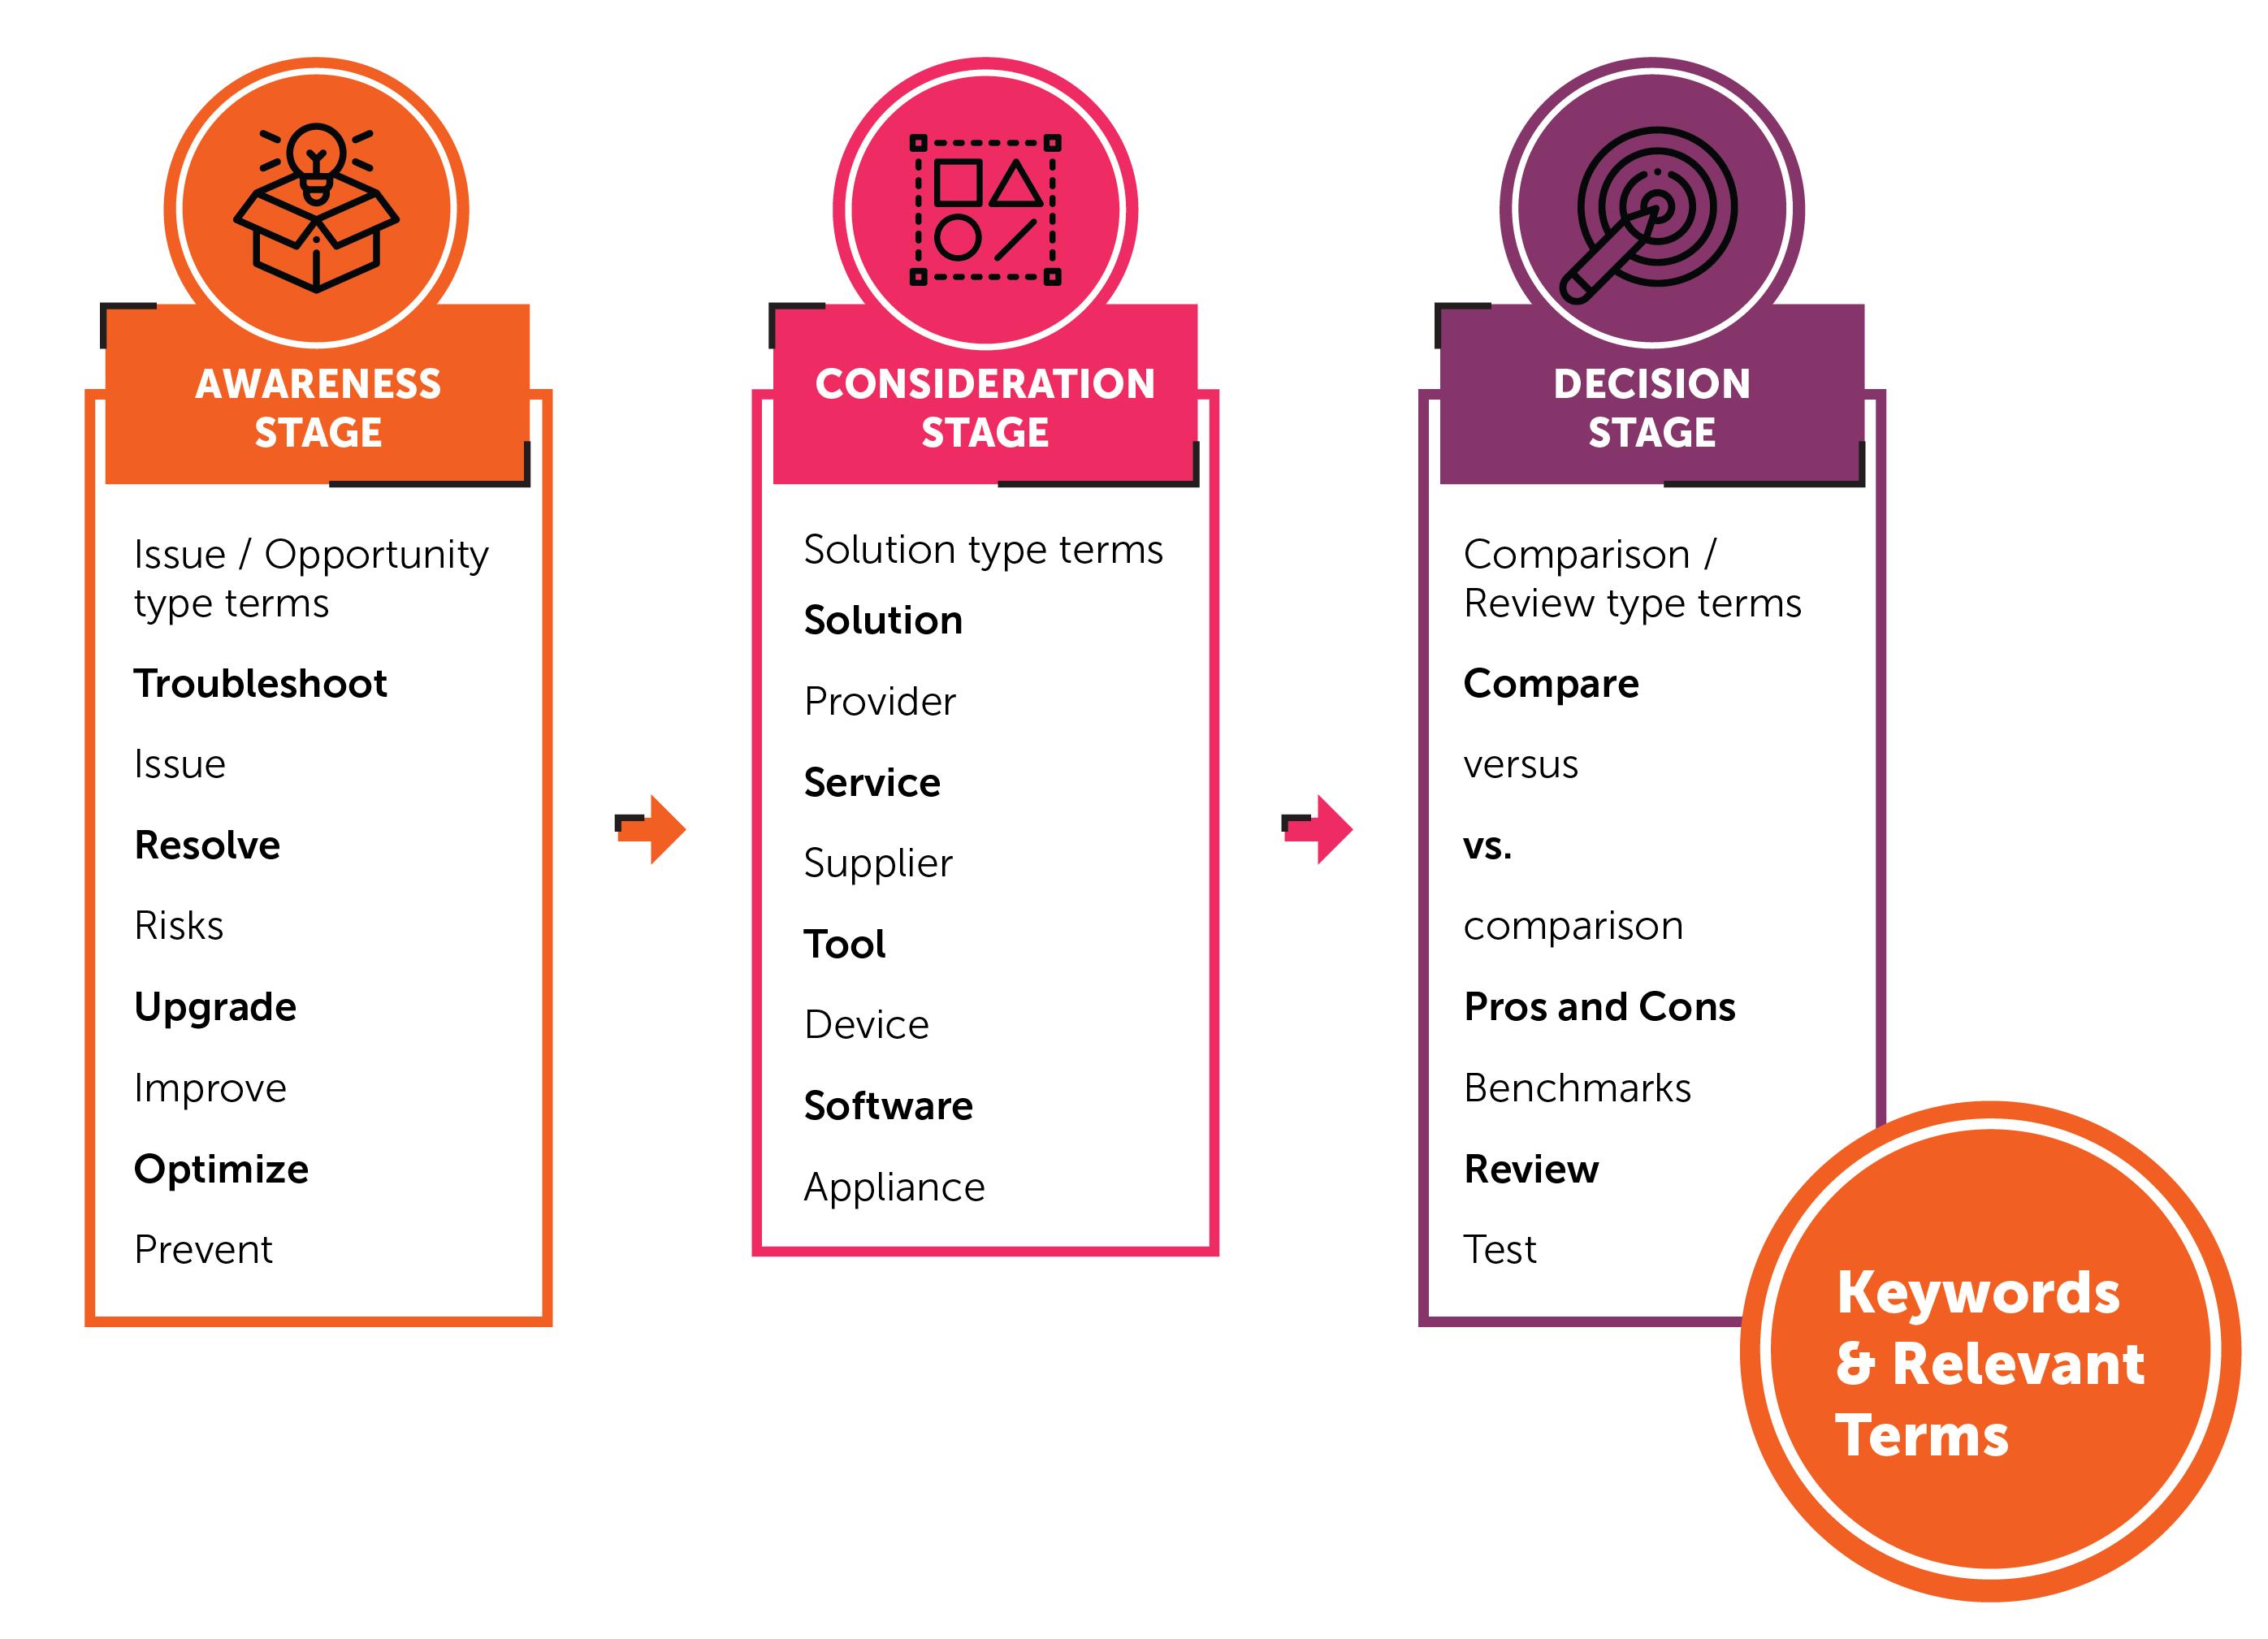 MO - Hubspot Inbound Marketing - Diagram - 20180306-01